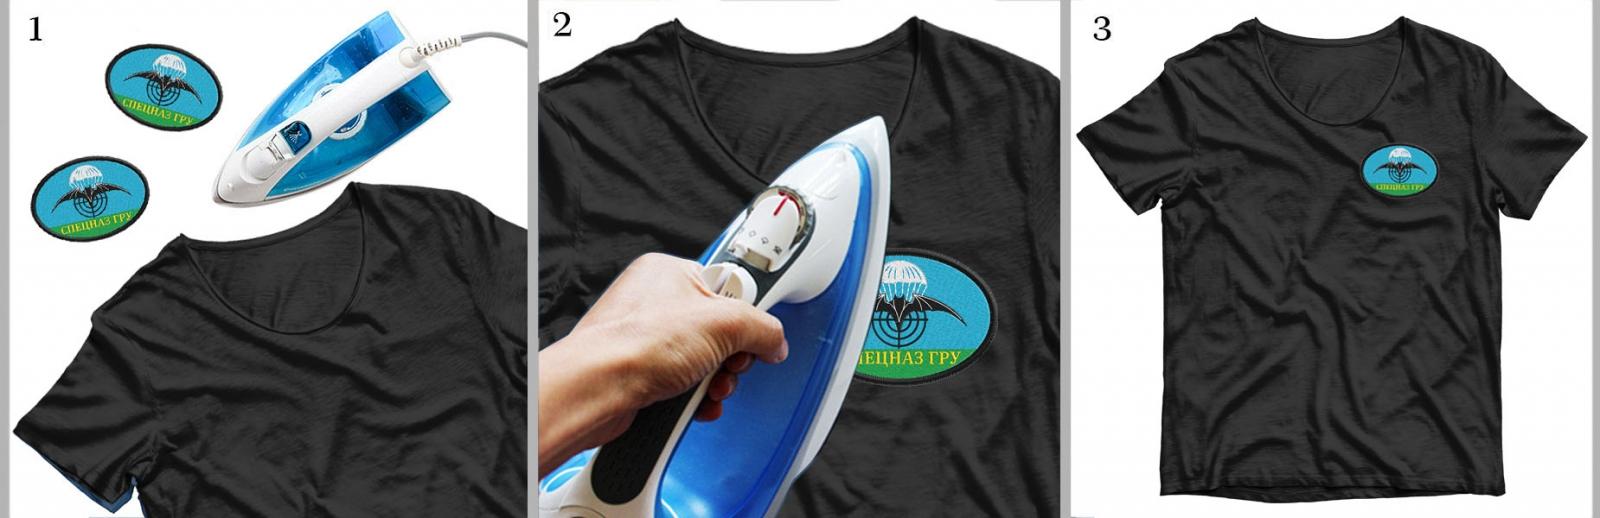 Нашивка Спецназа ГРУ на футболке